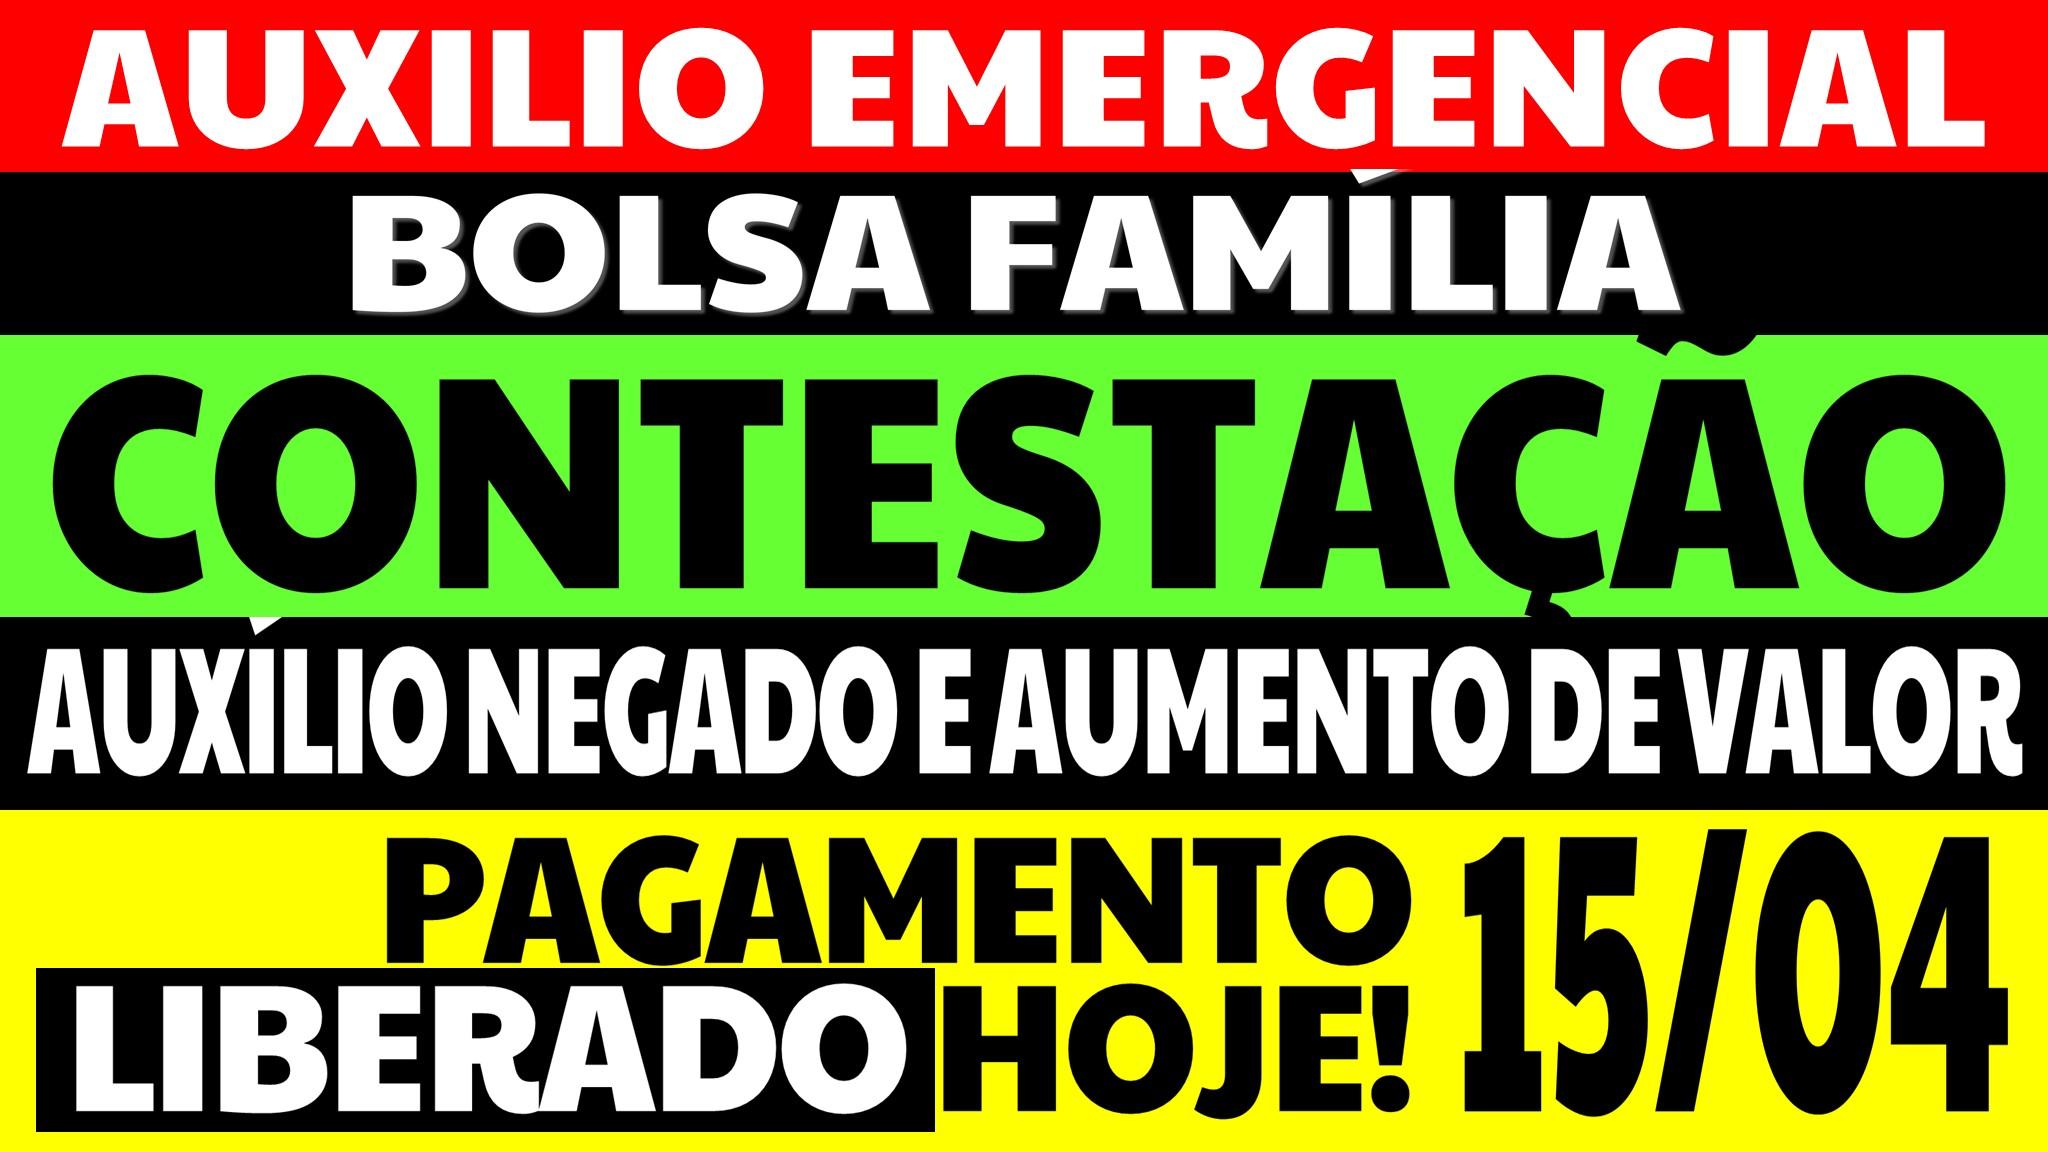 AUXÍLIO EMERGENCIAL HOJE BOLSA FAMÍLIA